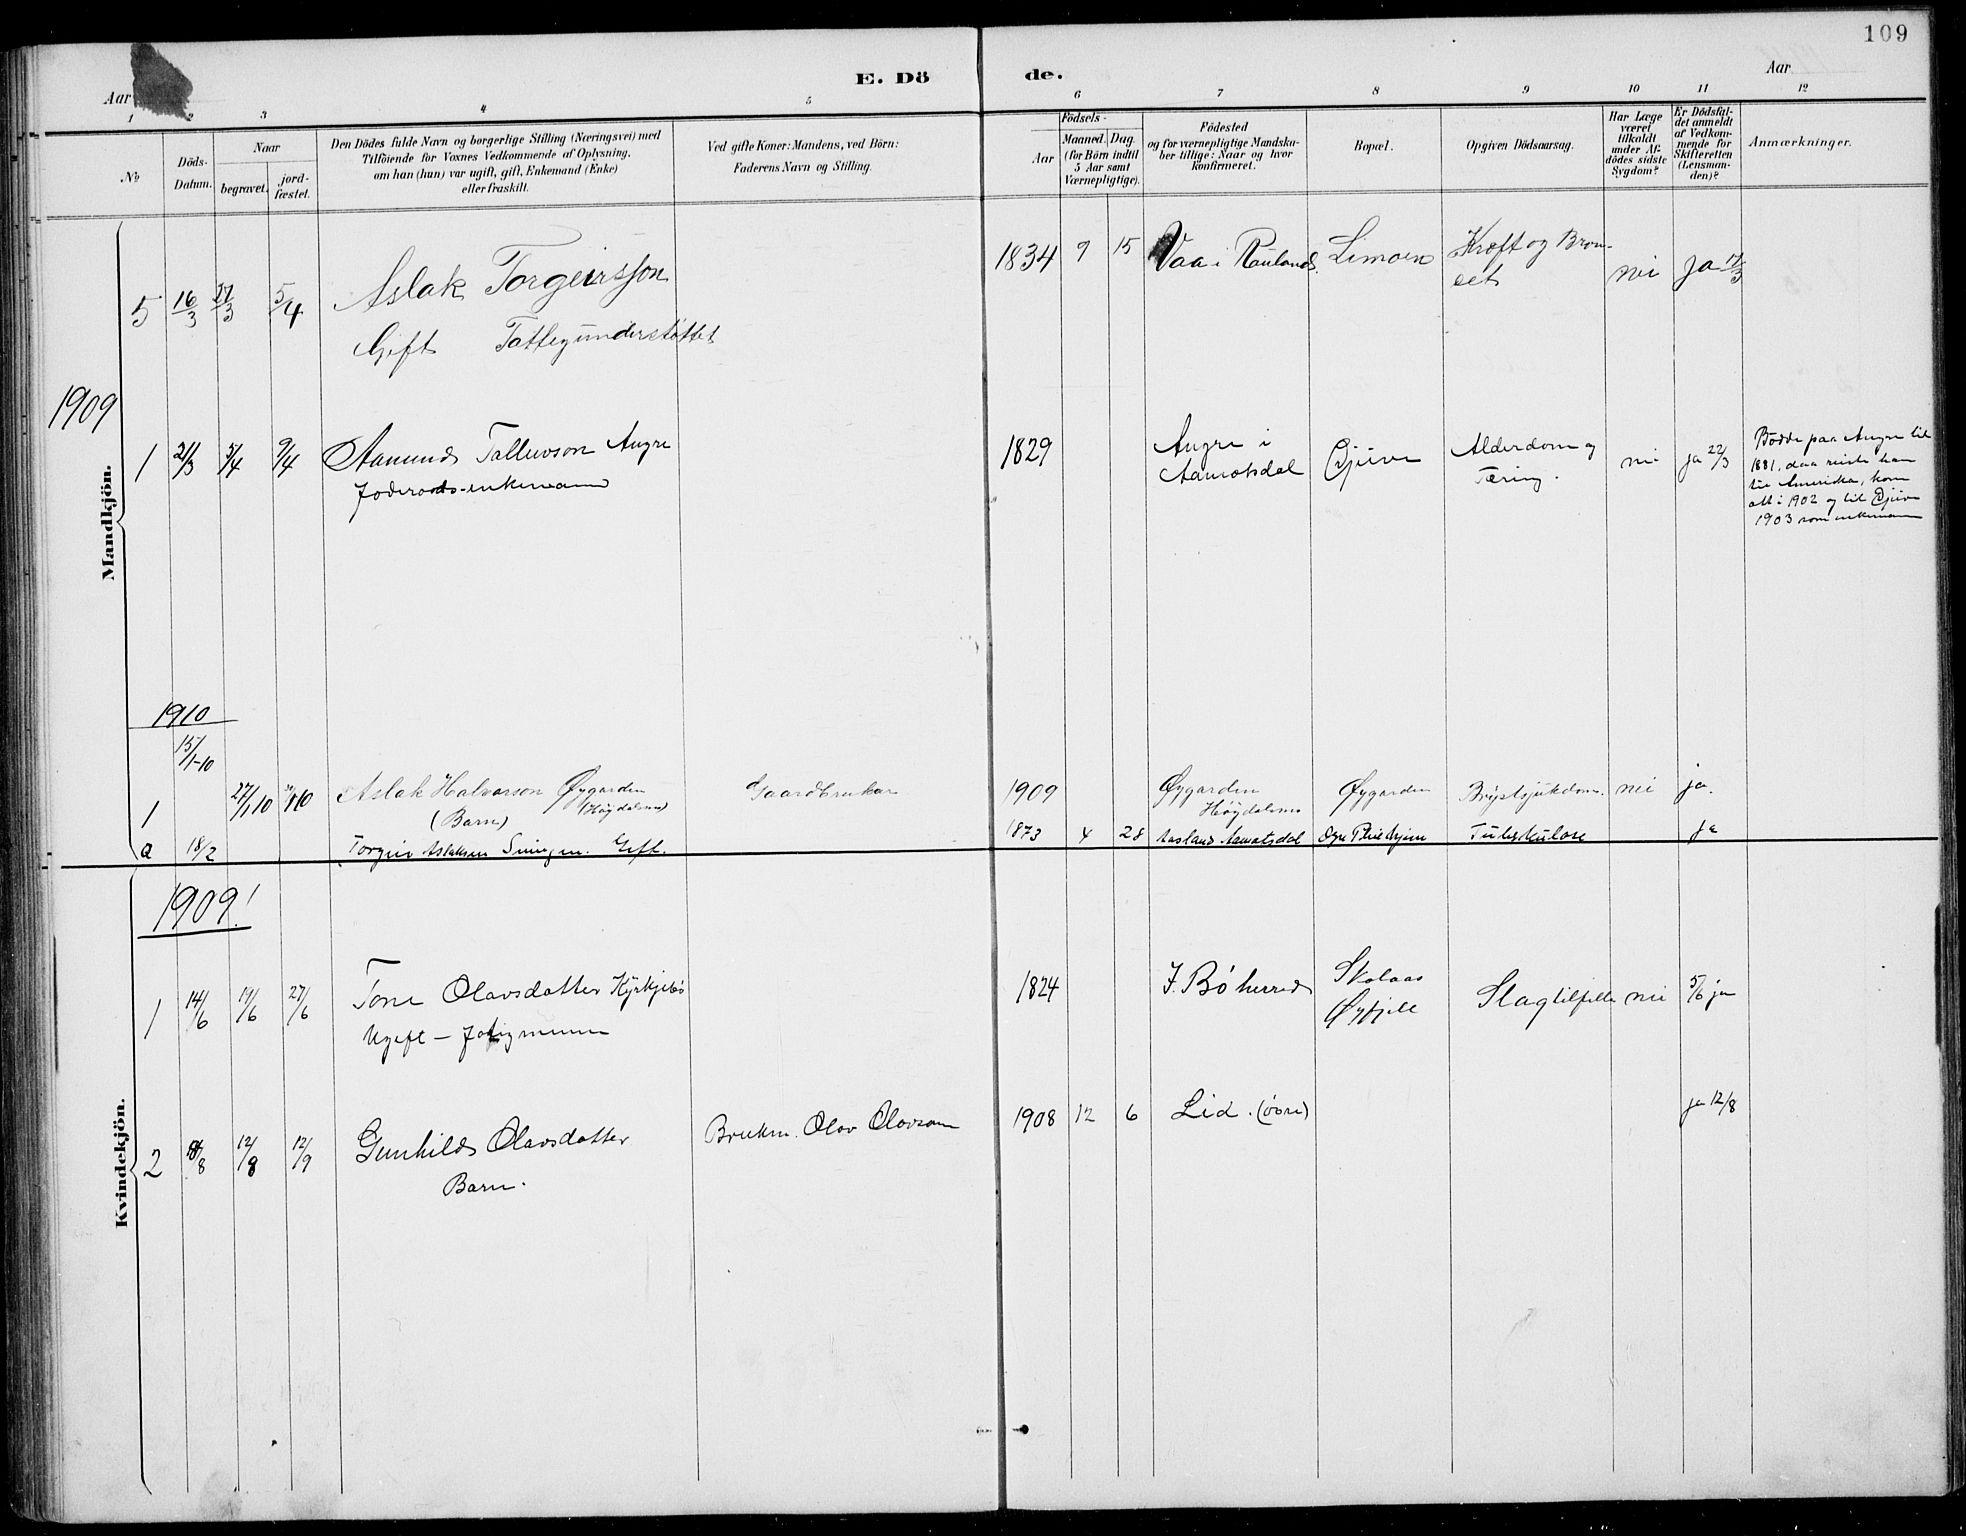 SAKO, Rauland kirkebøker, G/Gb/L0002: Klokkerbok nr. II 2, 1887-1937, s. 109